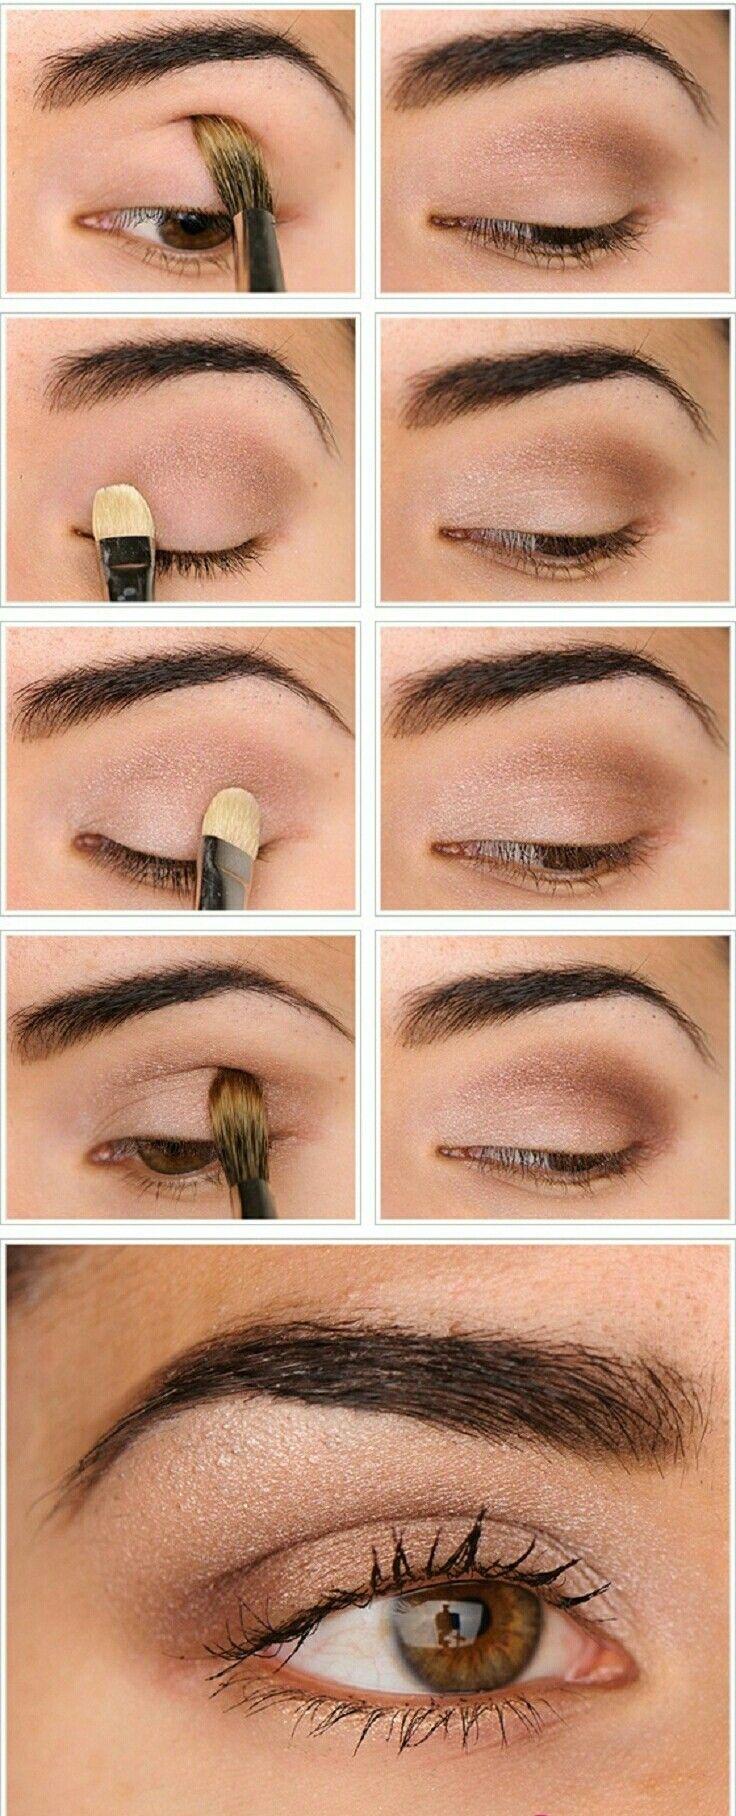 Aprende a resaltar tus ojos marrones con estos increíbles pasos. ¡Te sorprenderás con el resultado!